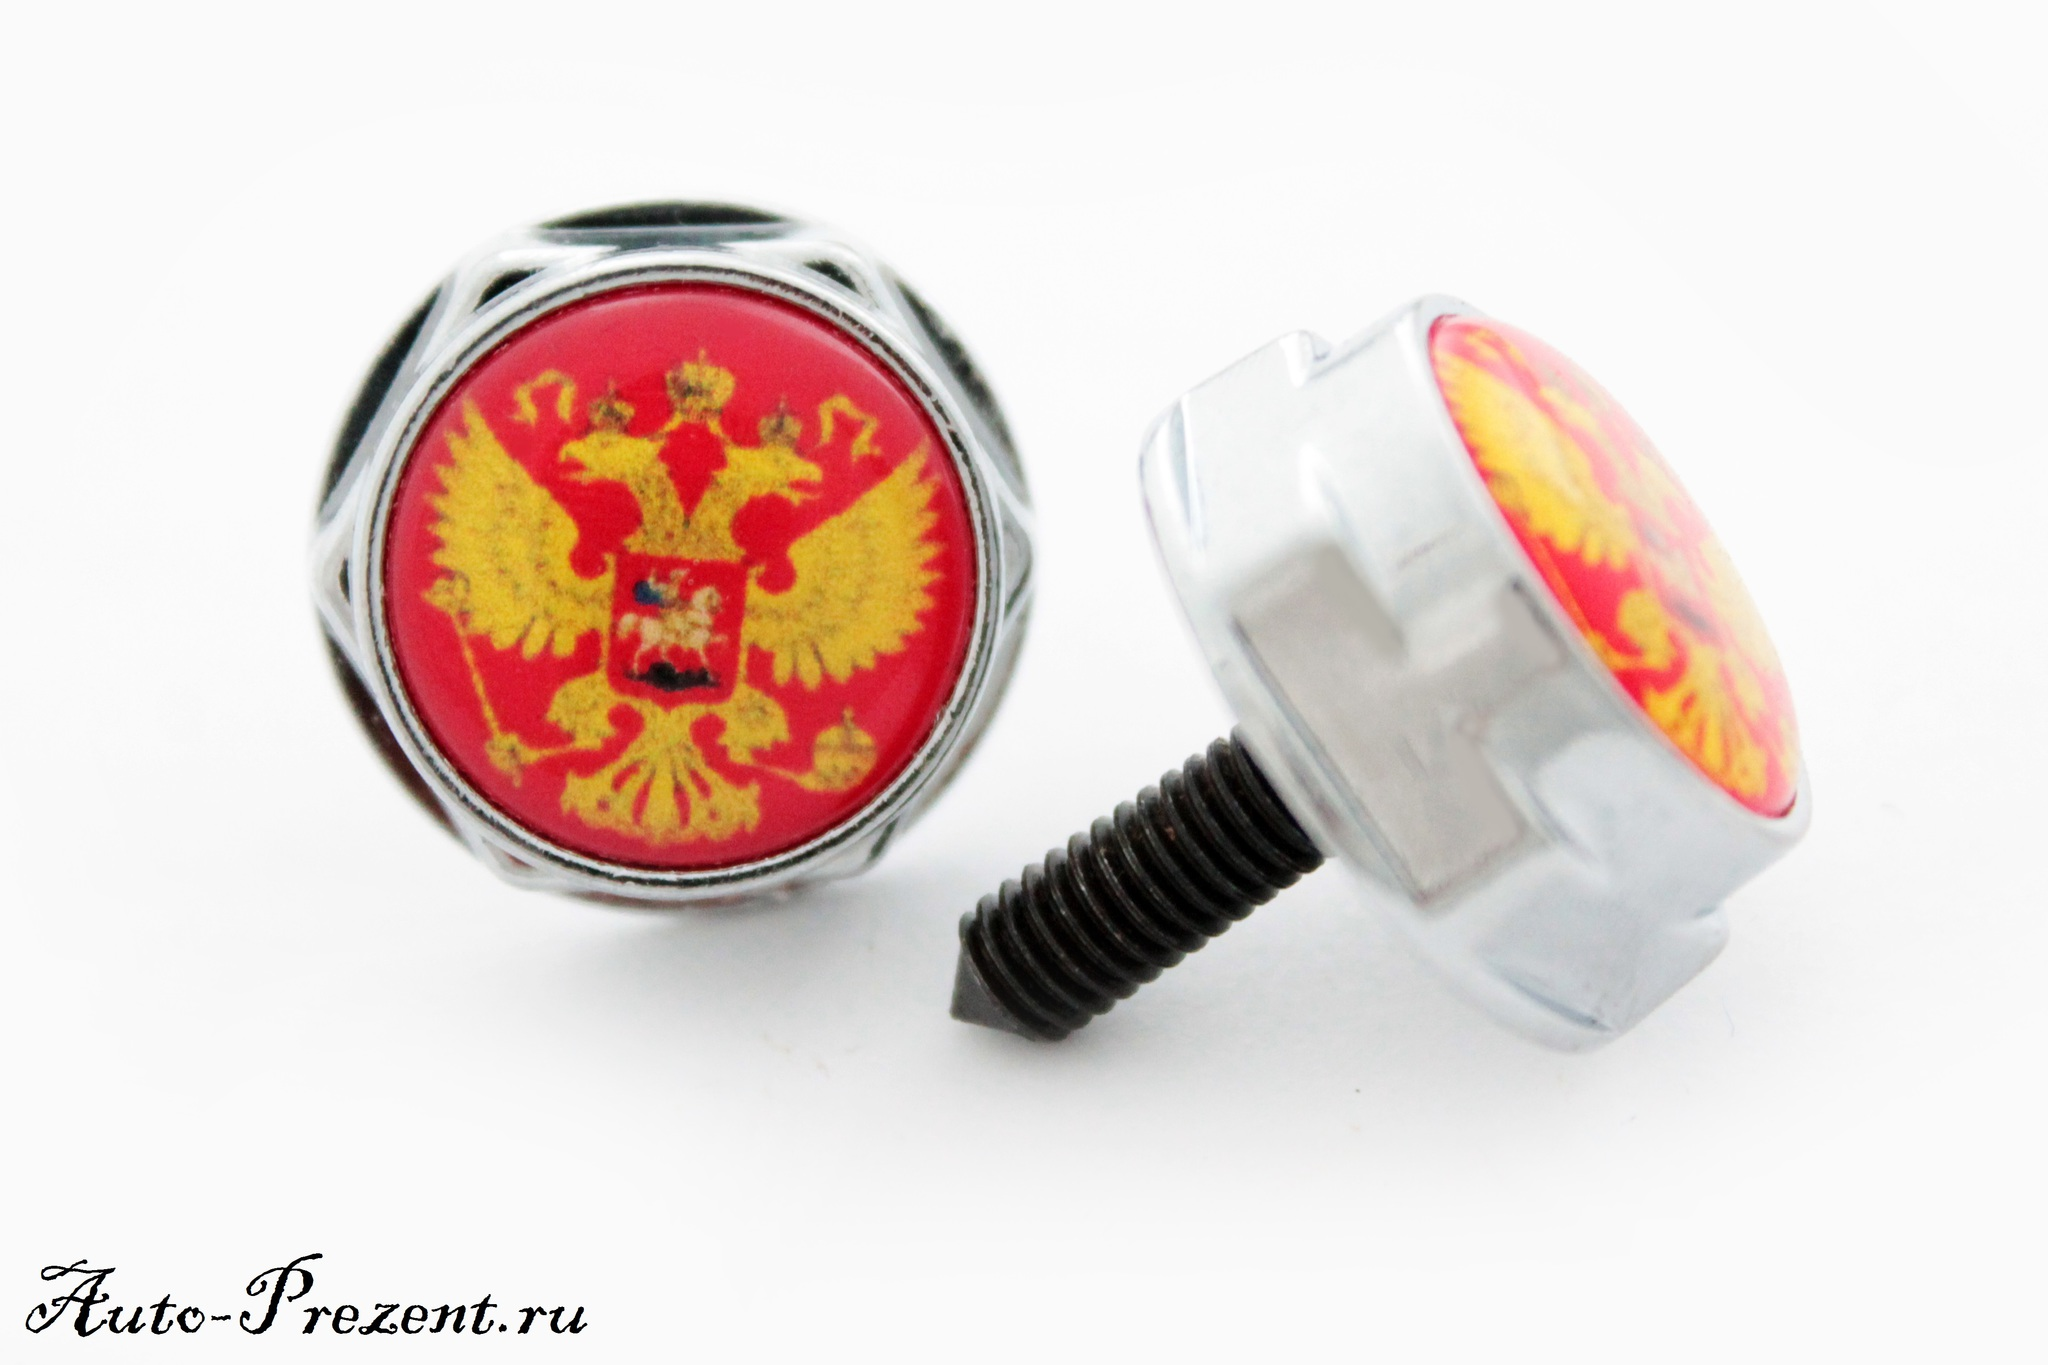 Болты для крепления госномера ГЕРБ РОССИИ